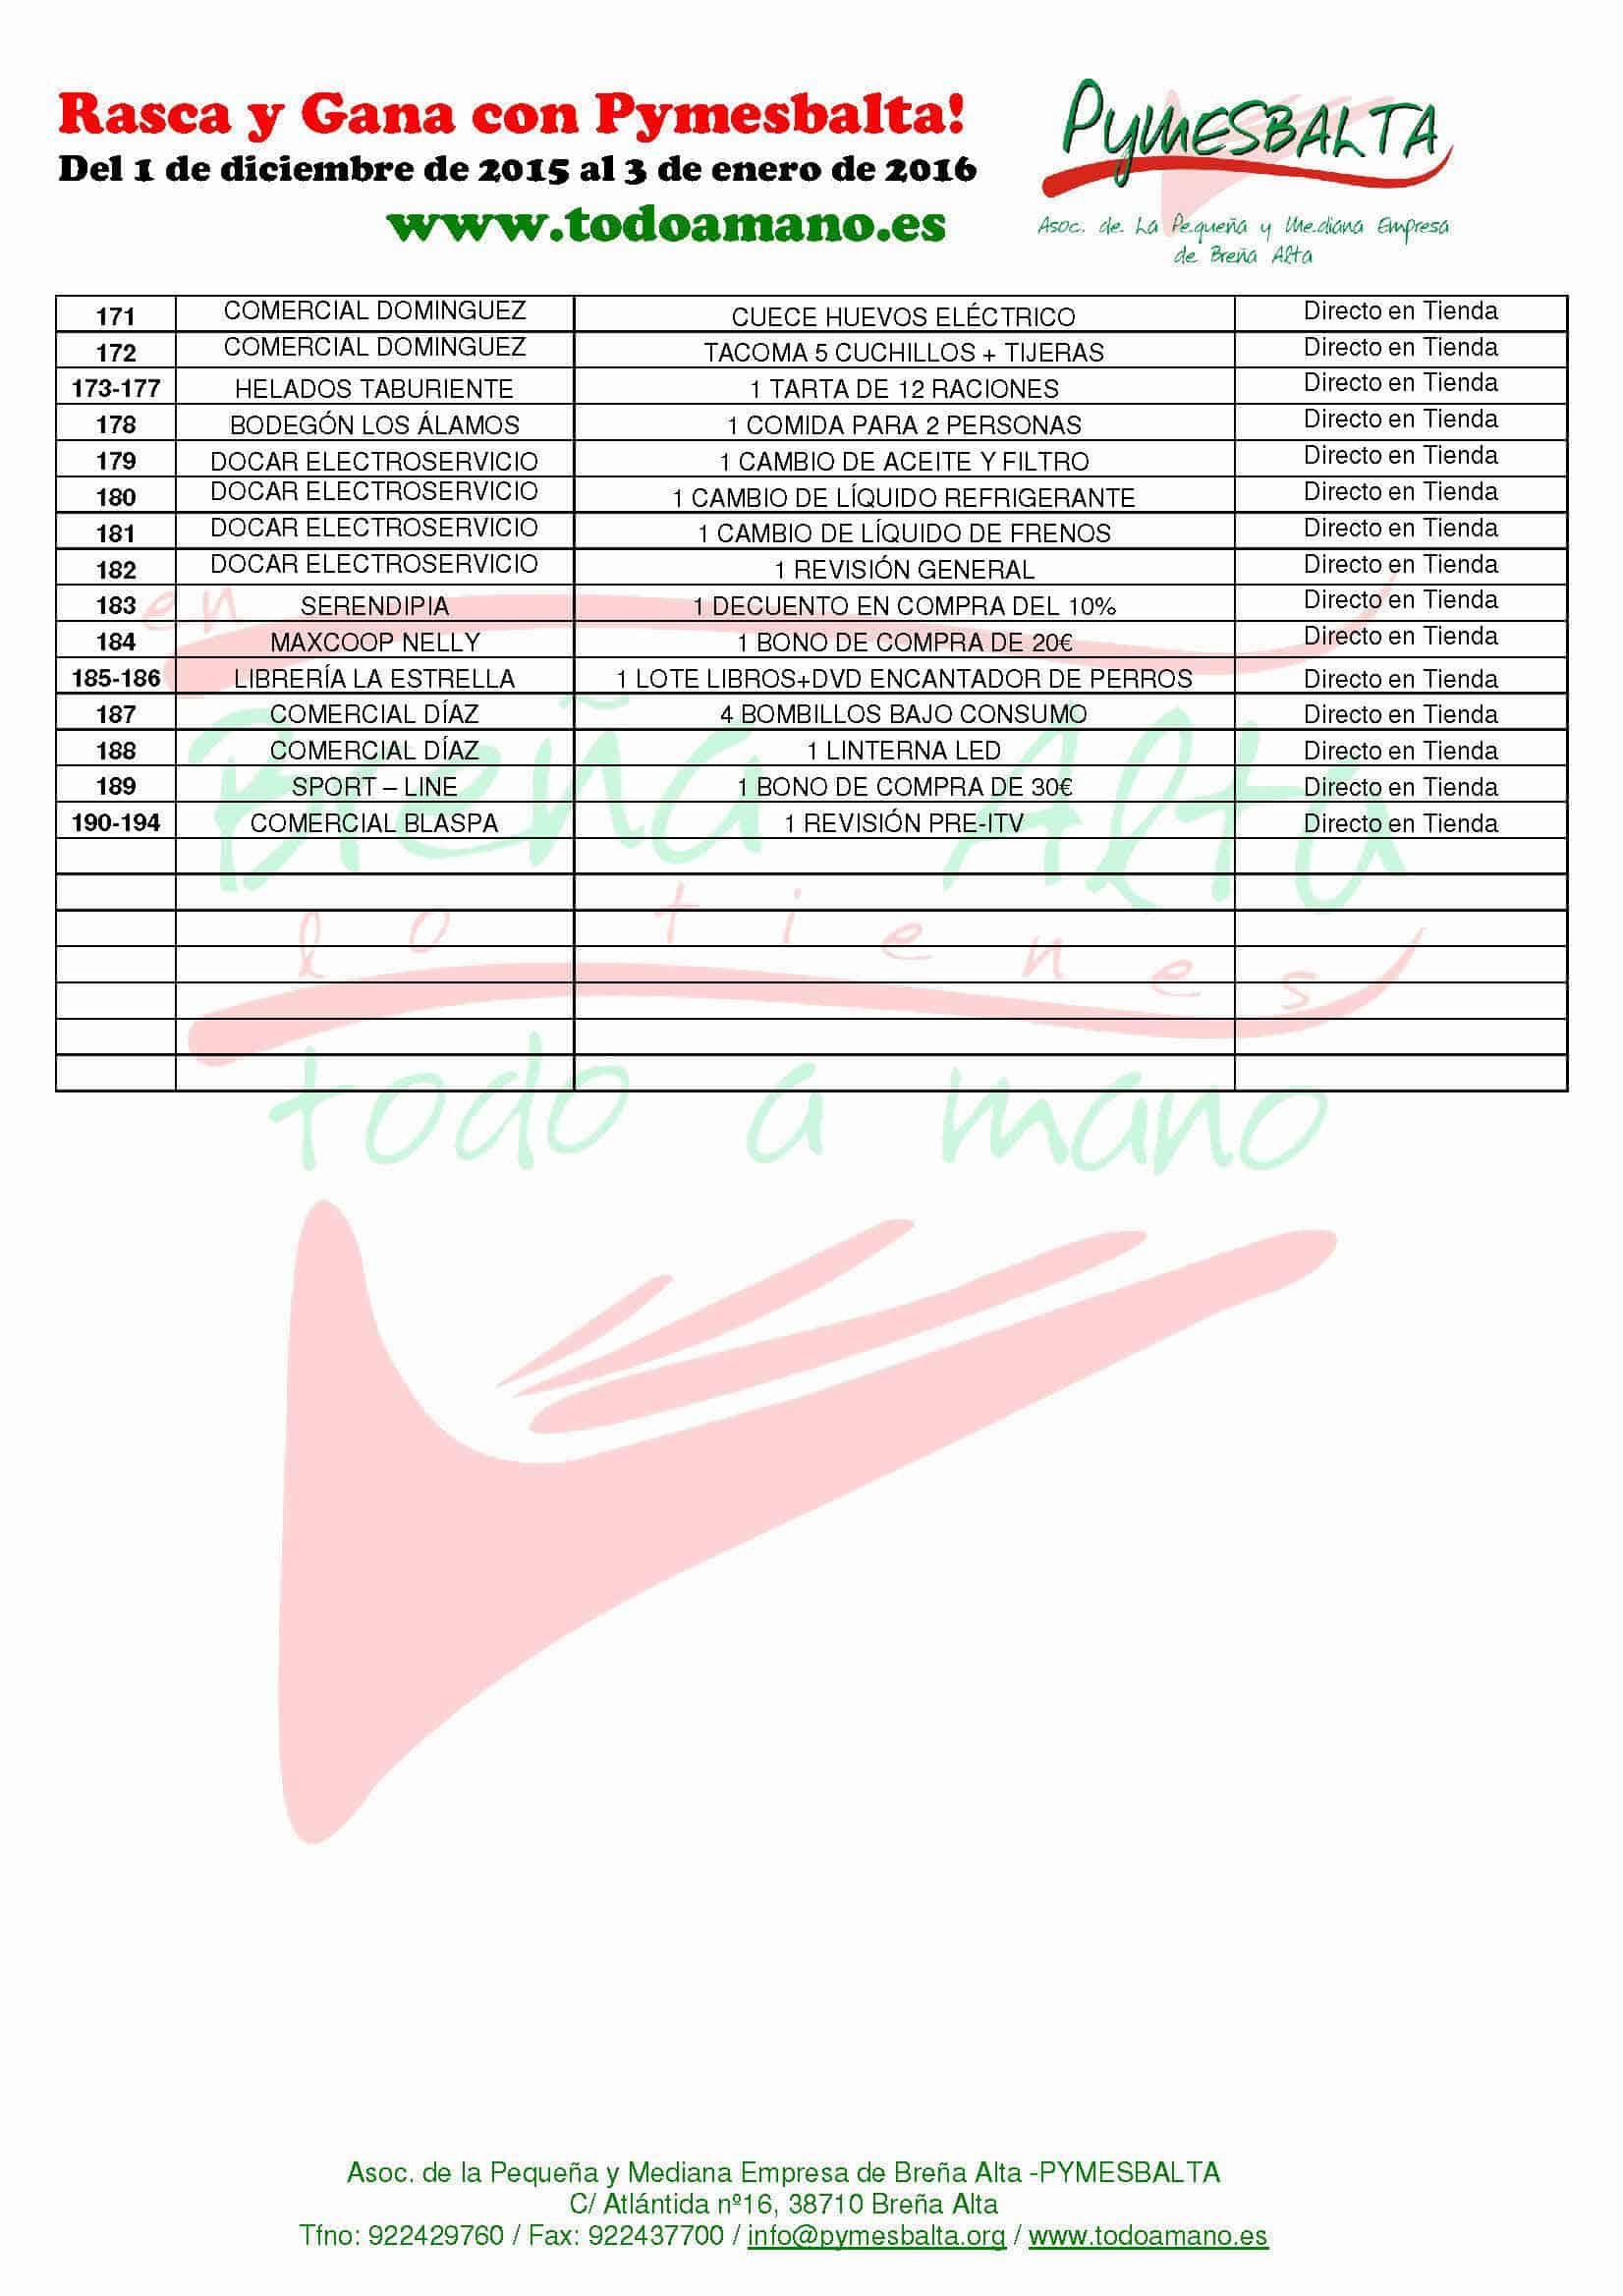 Listado de premios  rascas 2015-16 (3)